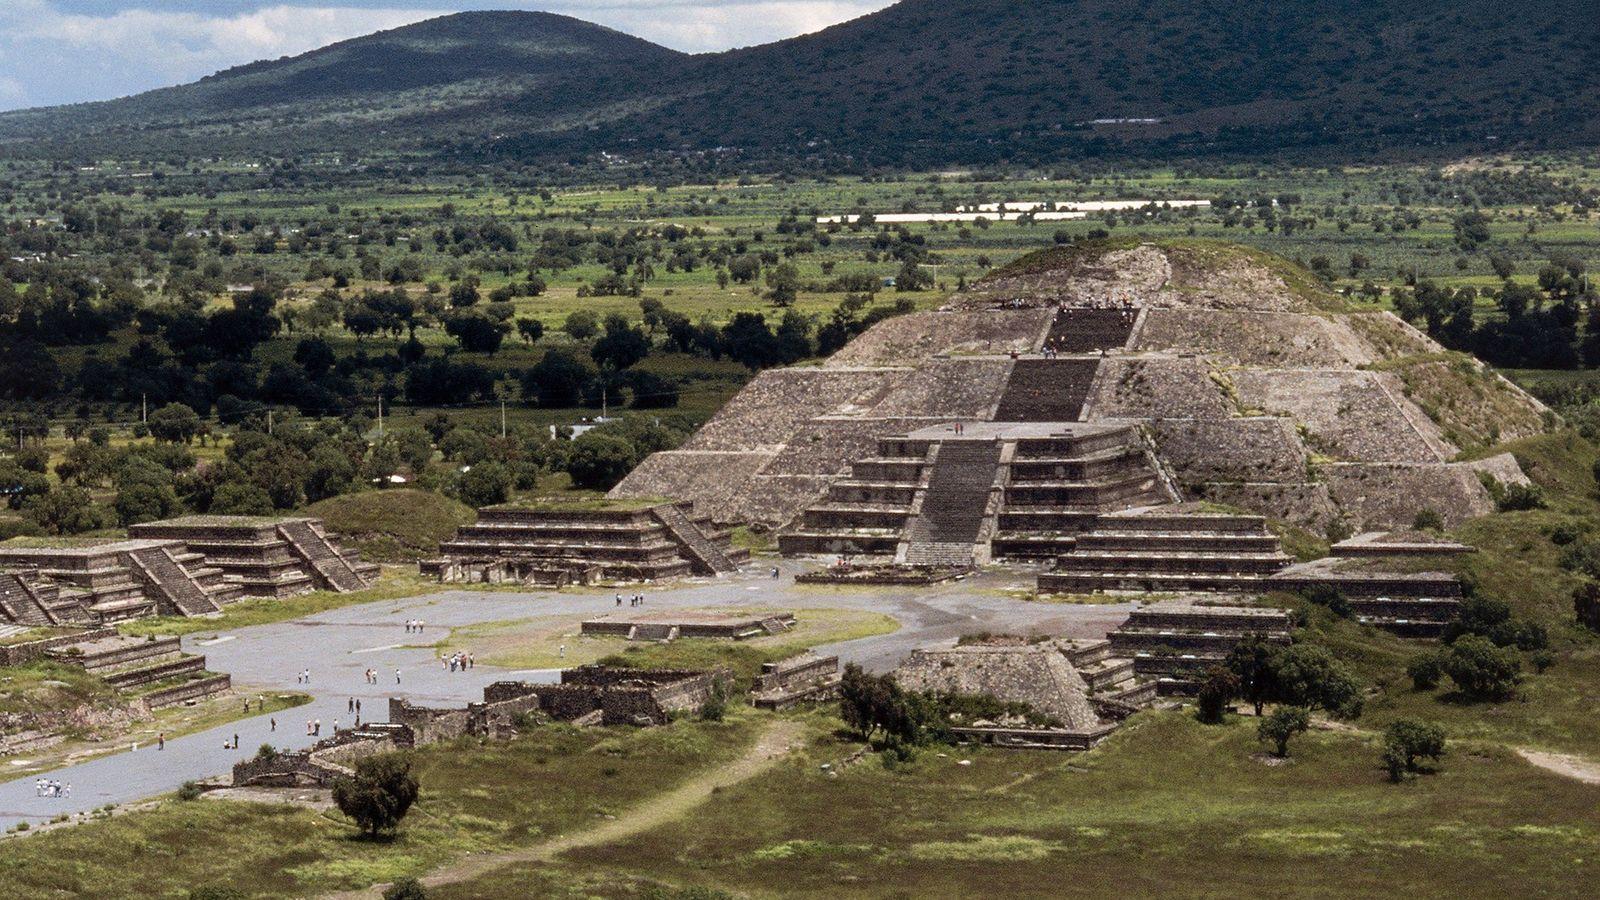 El antiguo sitio arqueológico de Teotihuacán se encuentra a 45 minutos al noreste de la Ciudad ...